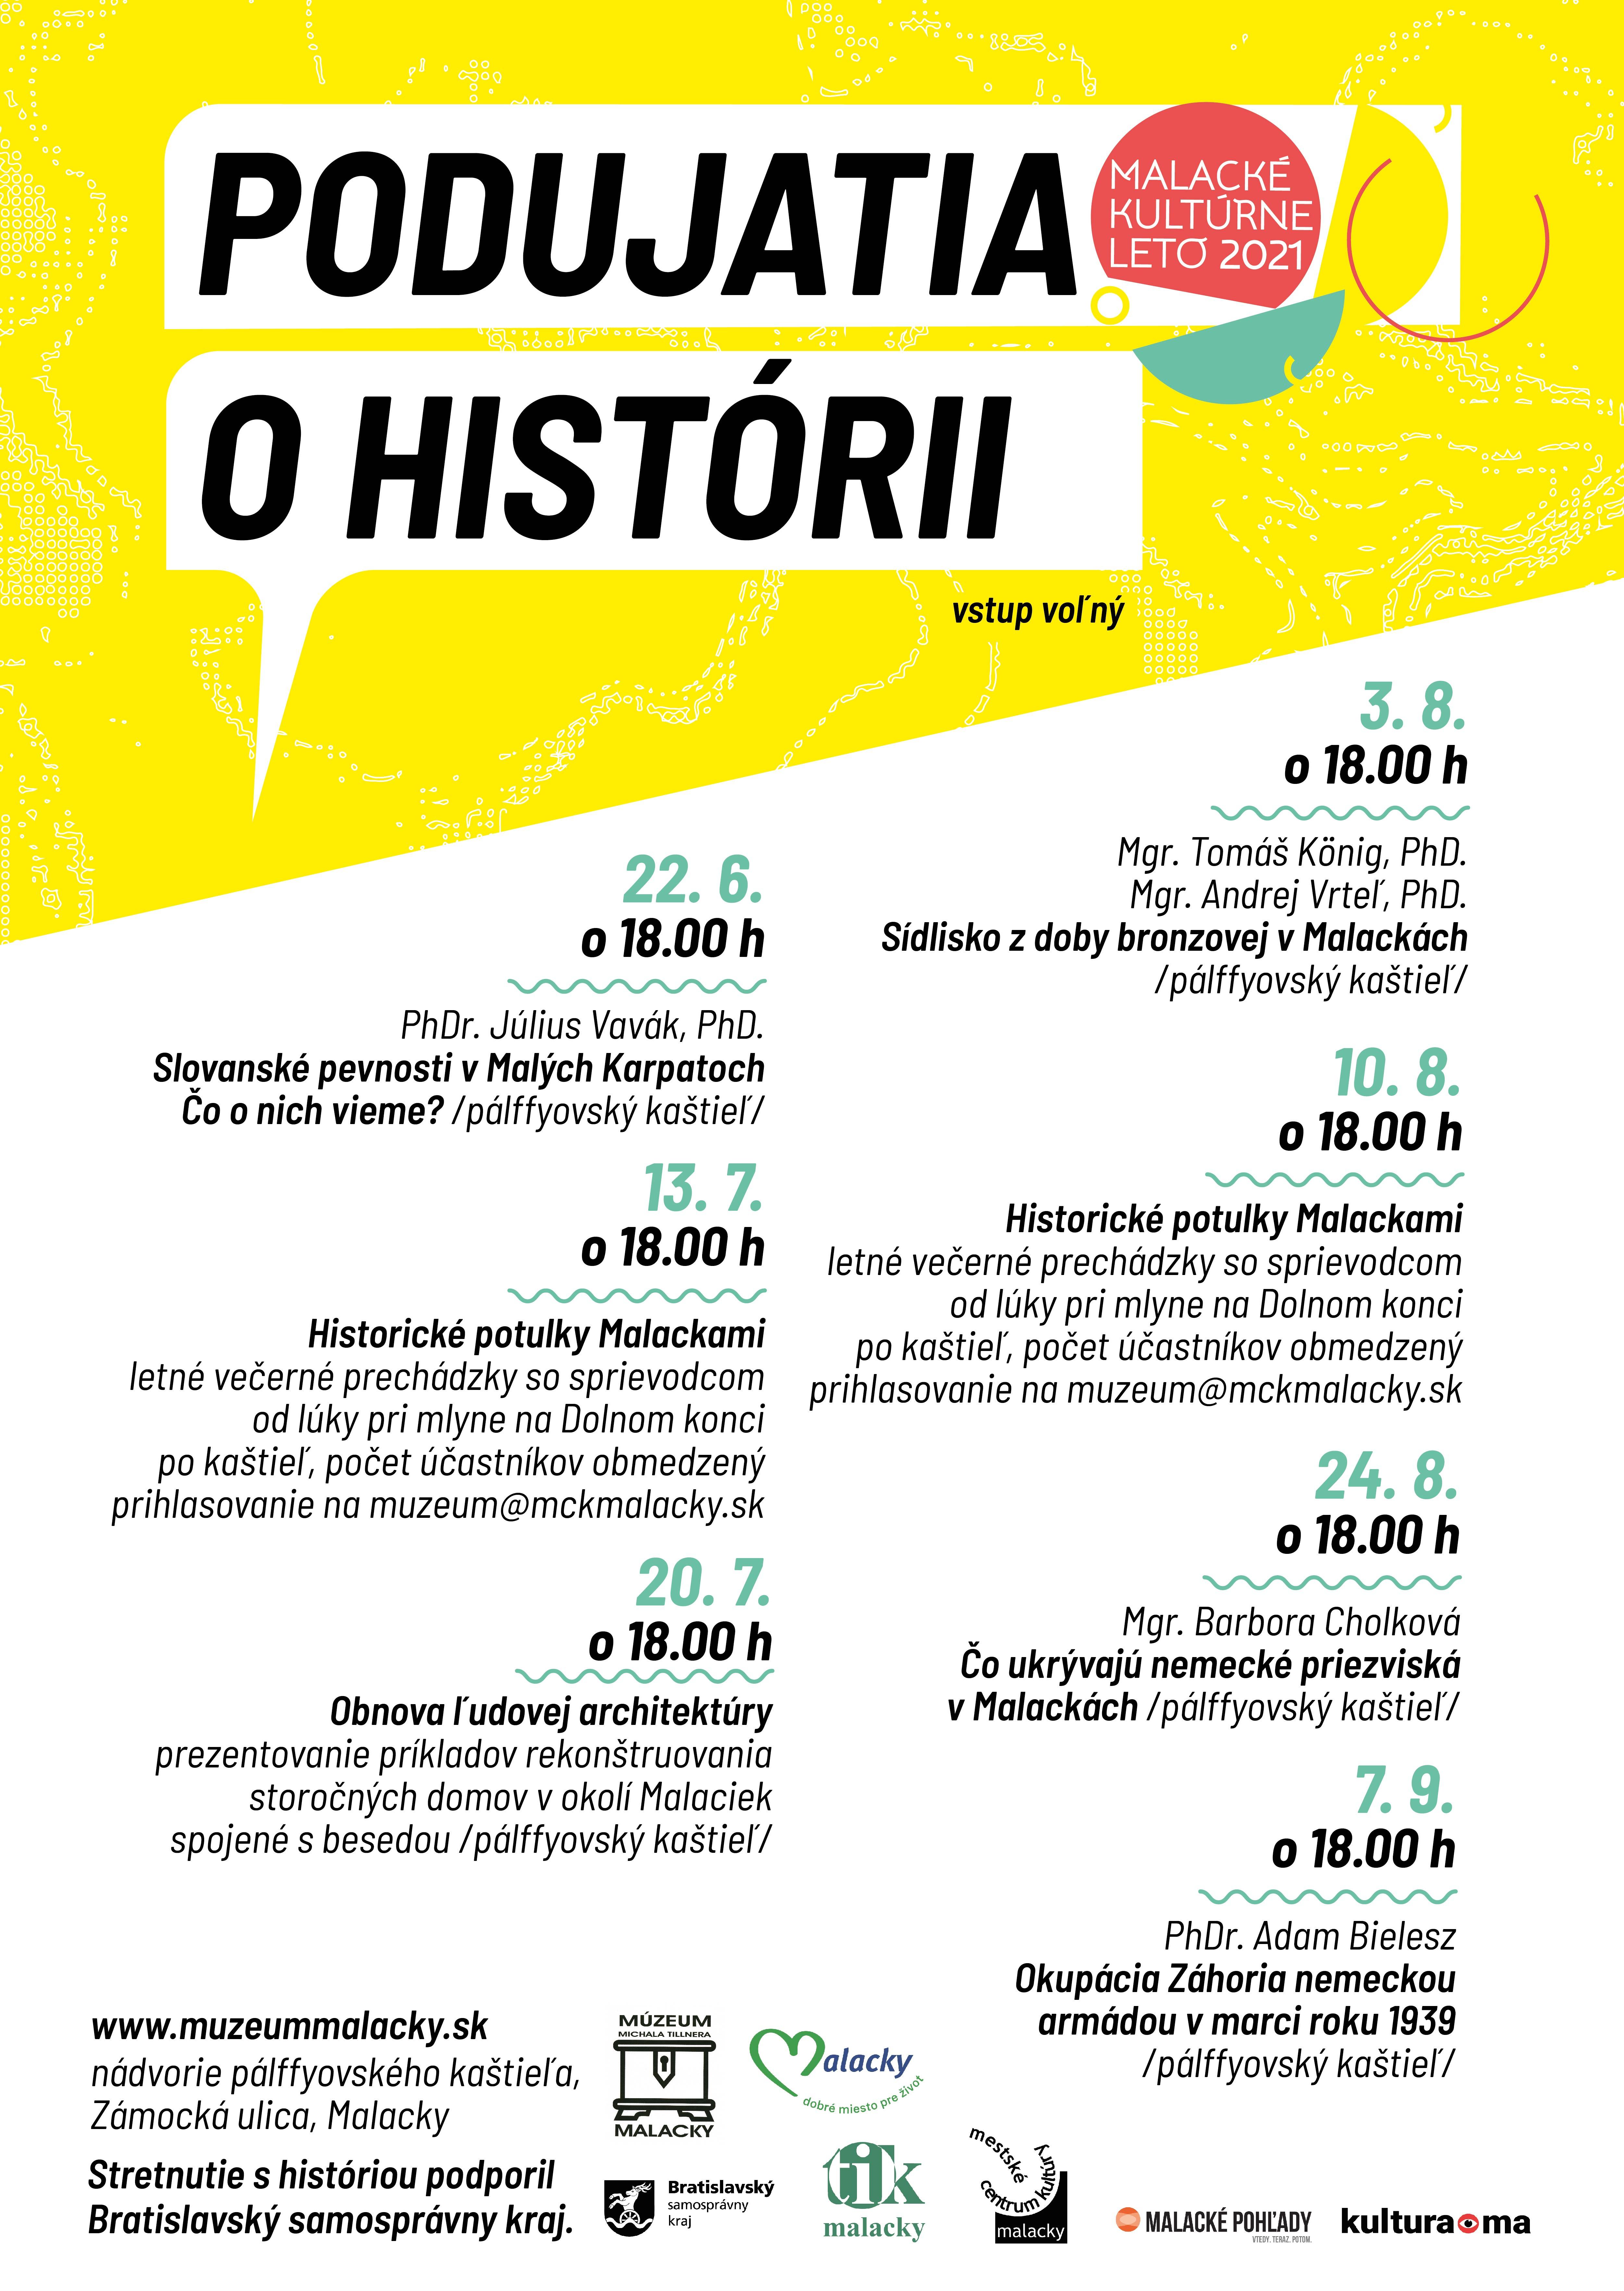 WEB_kulturne_leto_2021_podujatia_o_historii-01jpg